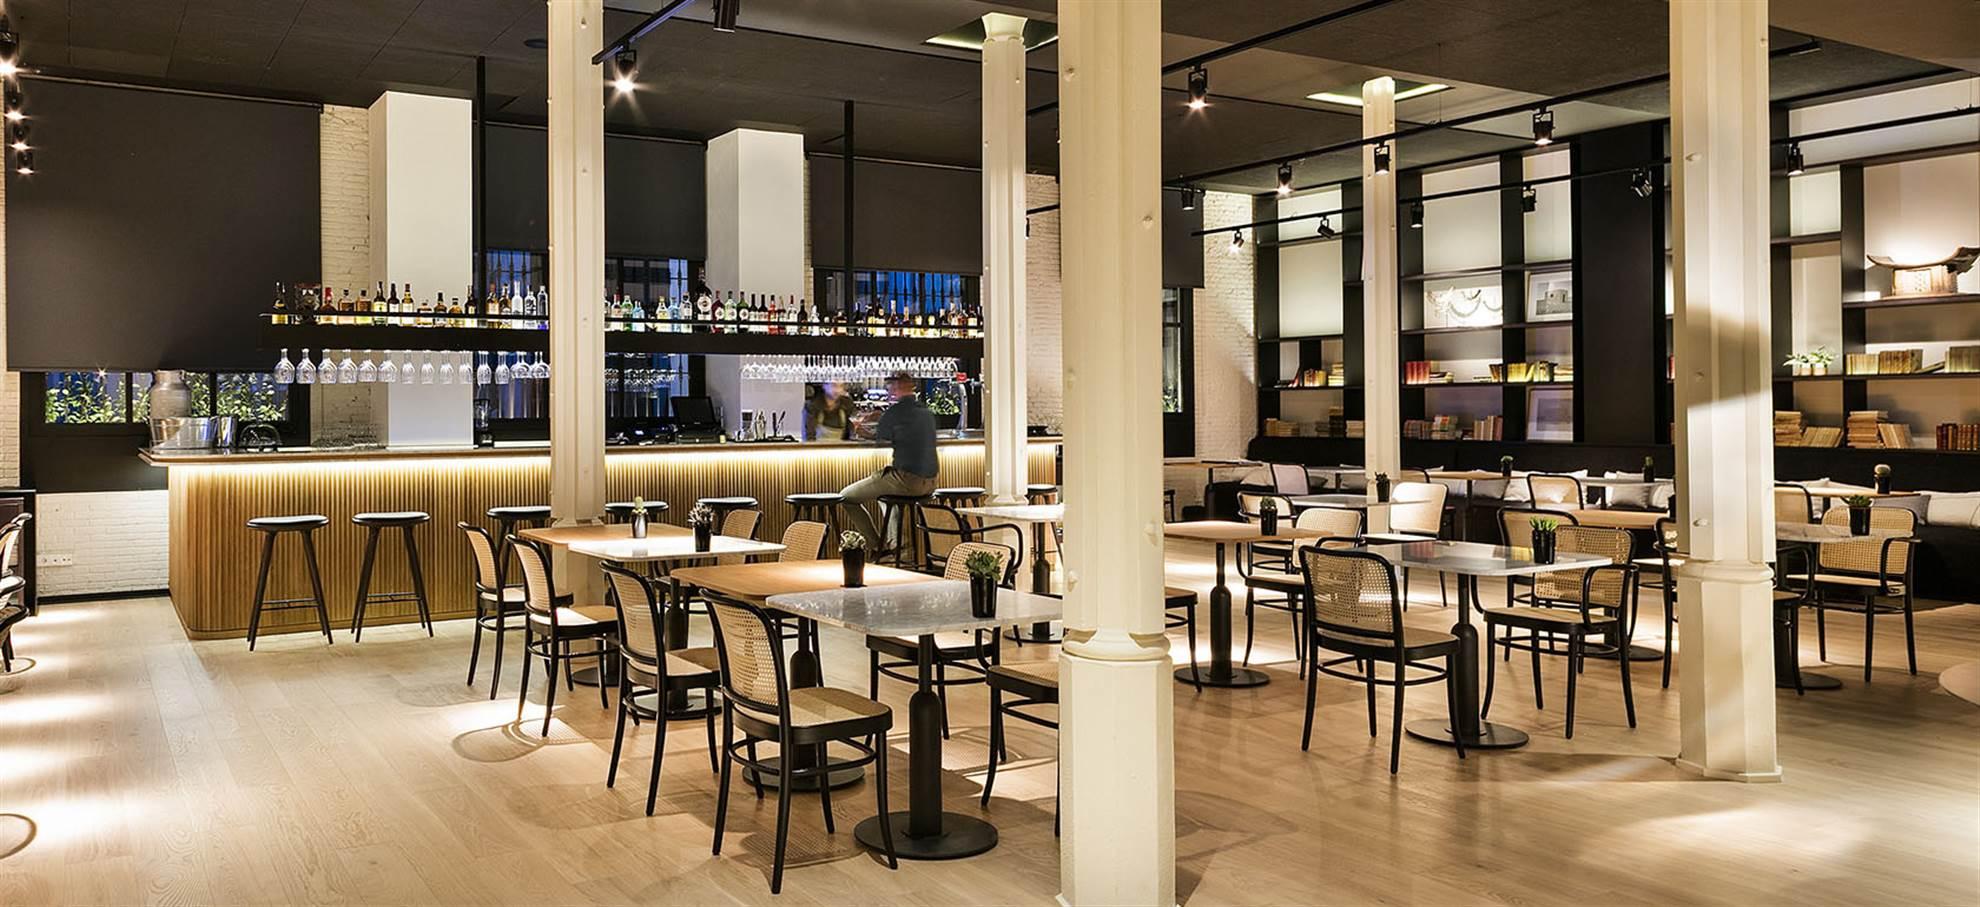 Dîner catalan de luxe supervisé par chef cuisinier étoilé au guide Michelin